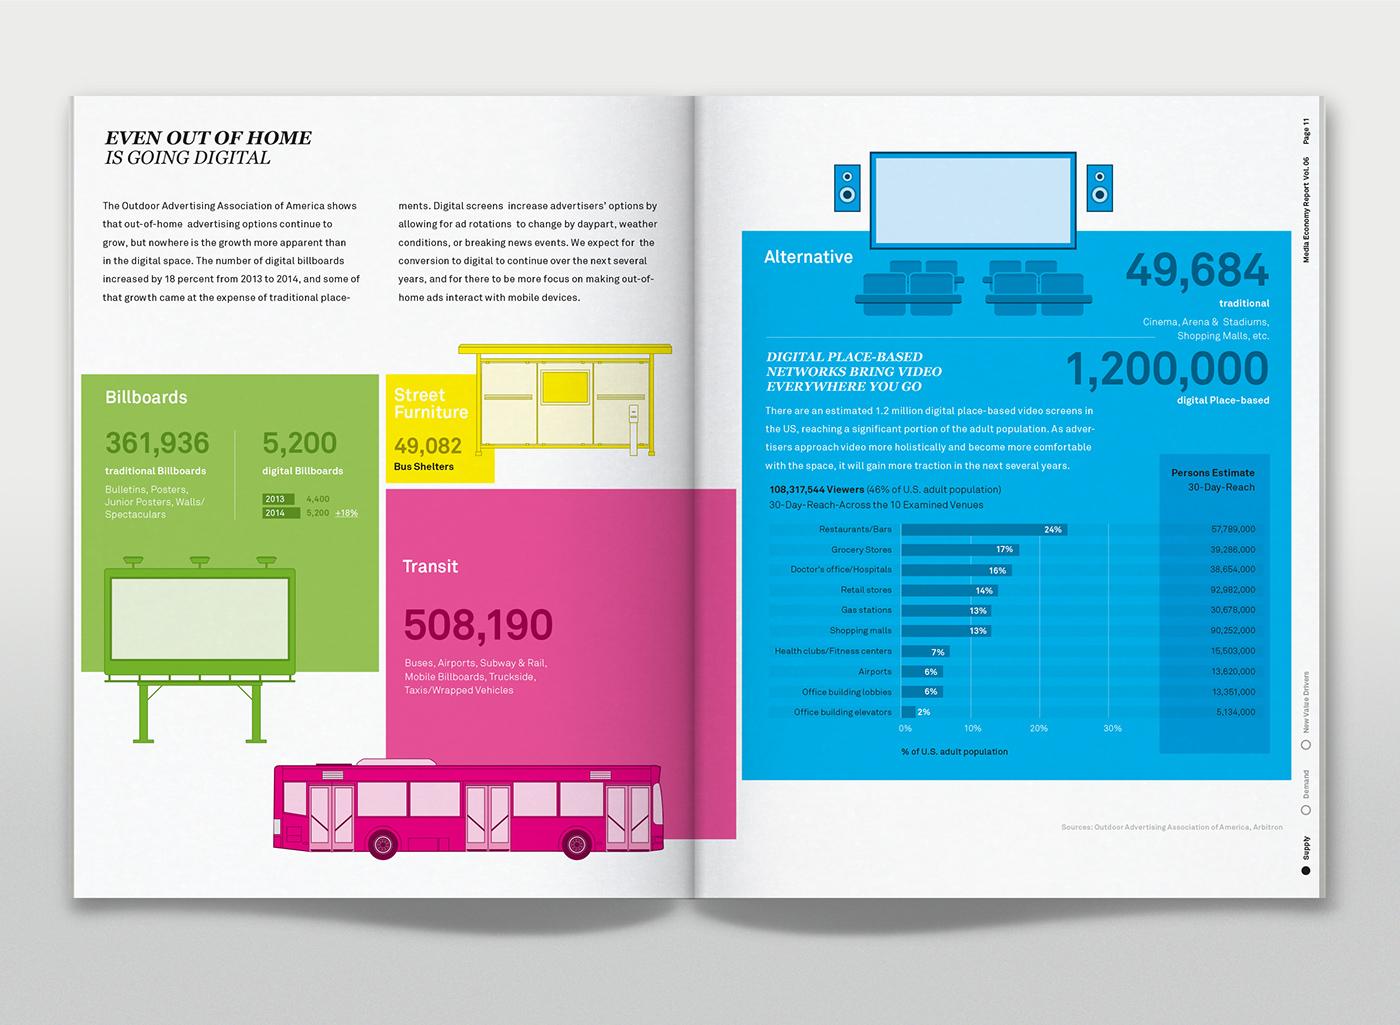 Media Economy Report Vol.6 on